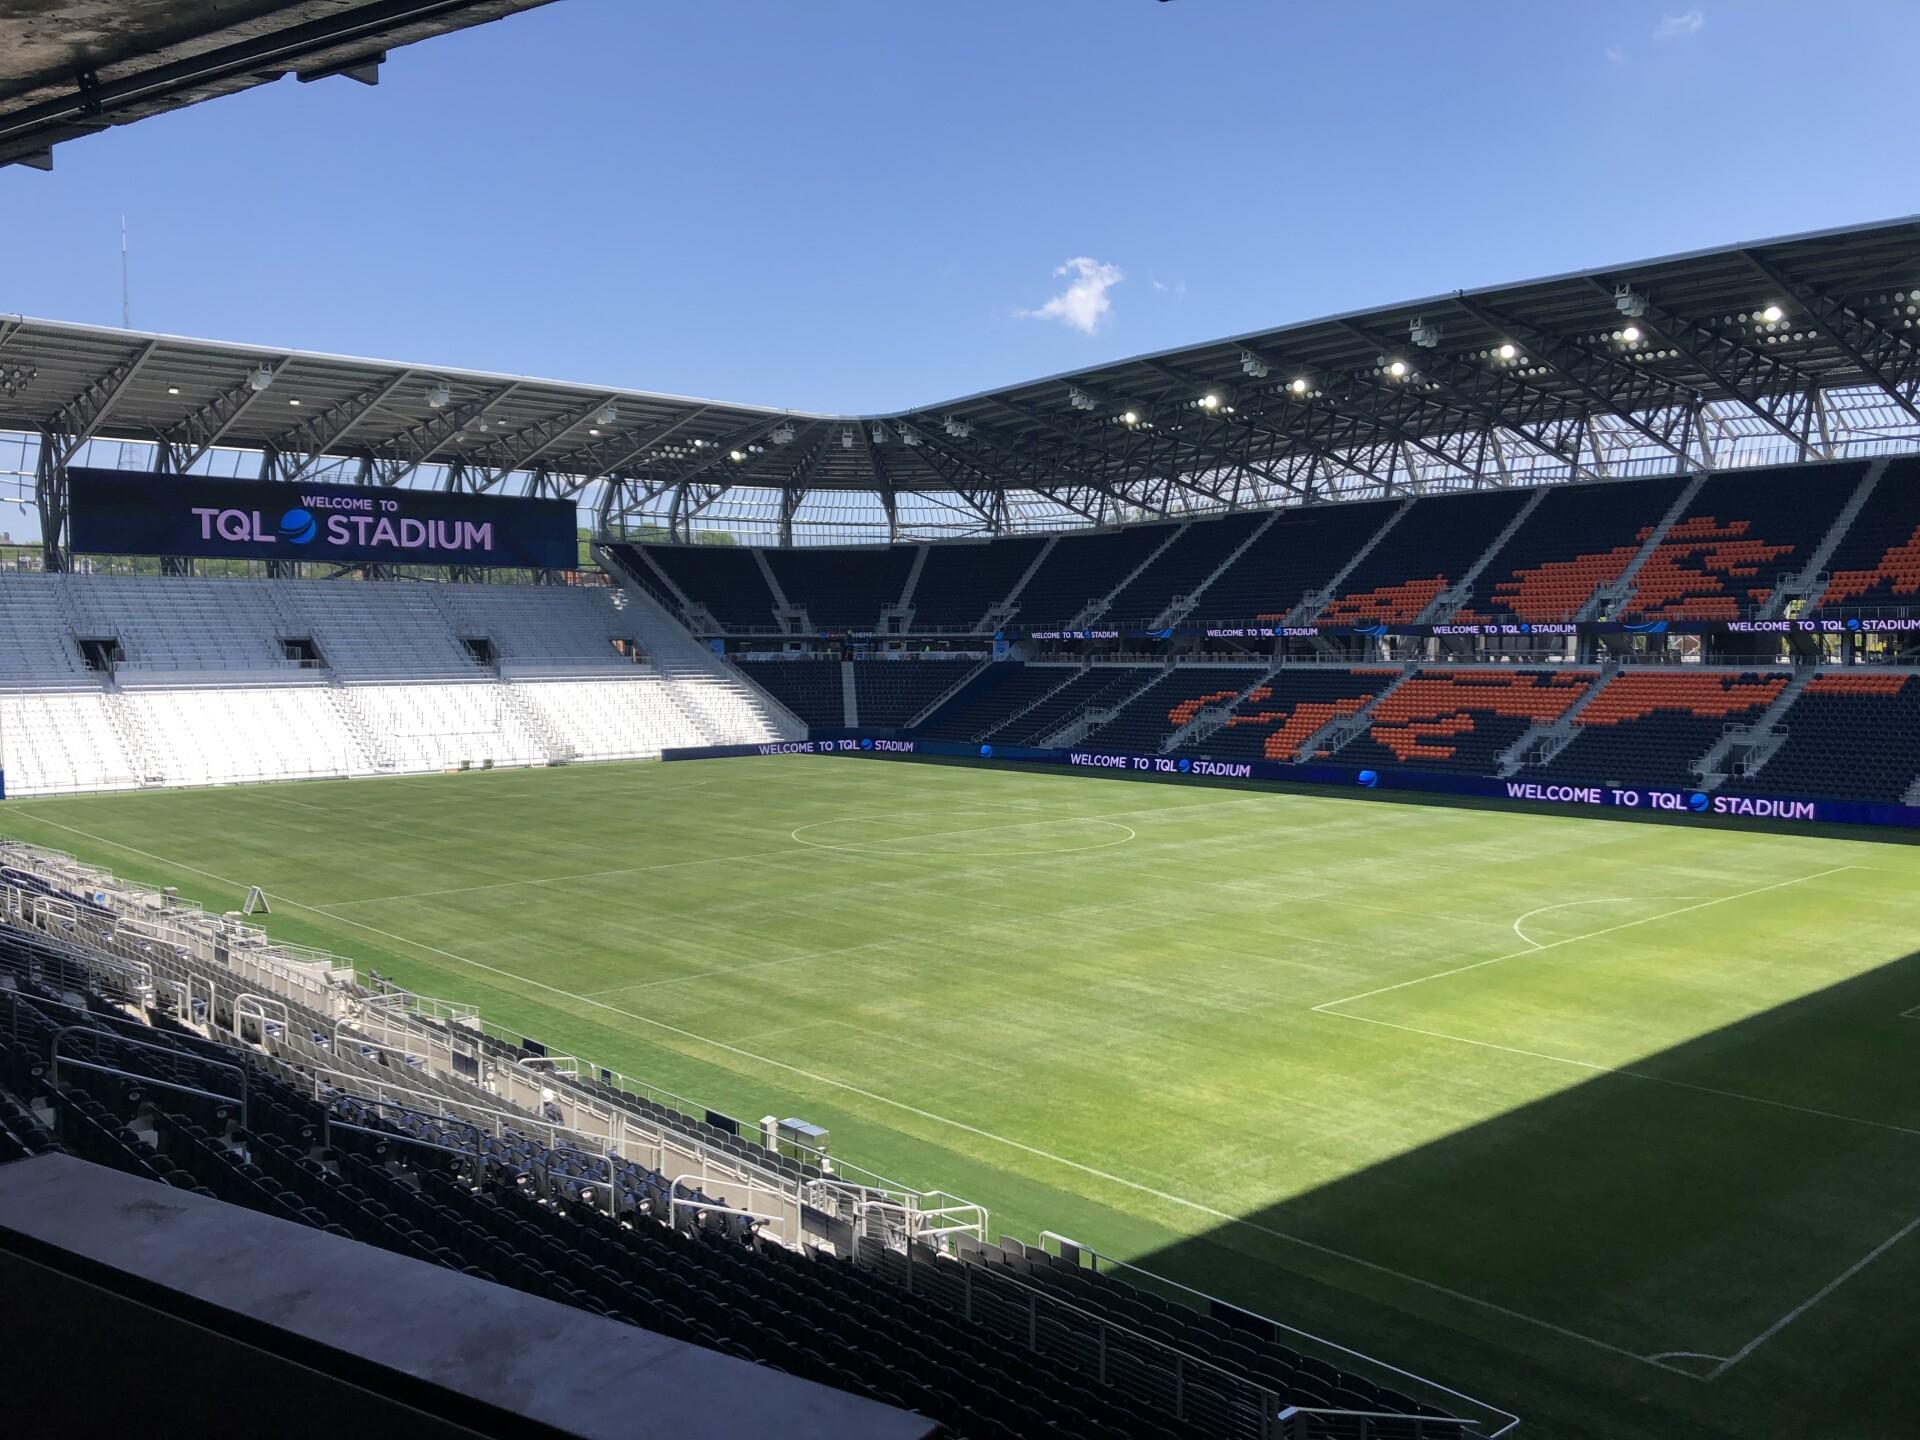 fcc-tql-stadium-3.jpg